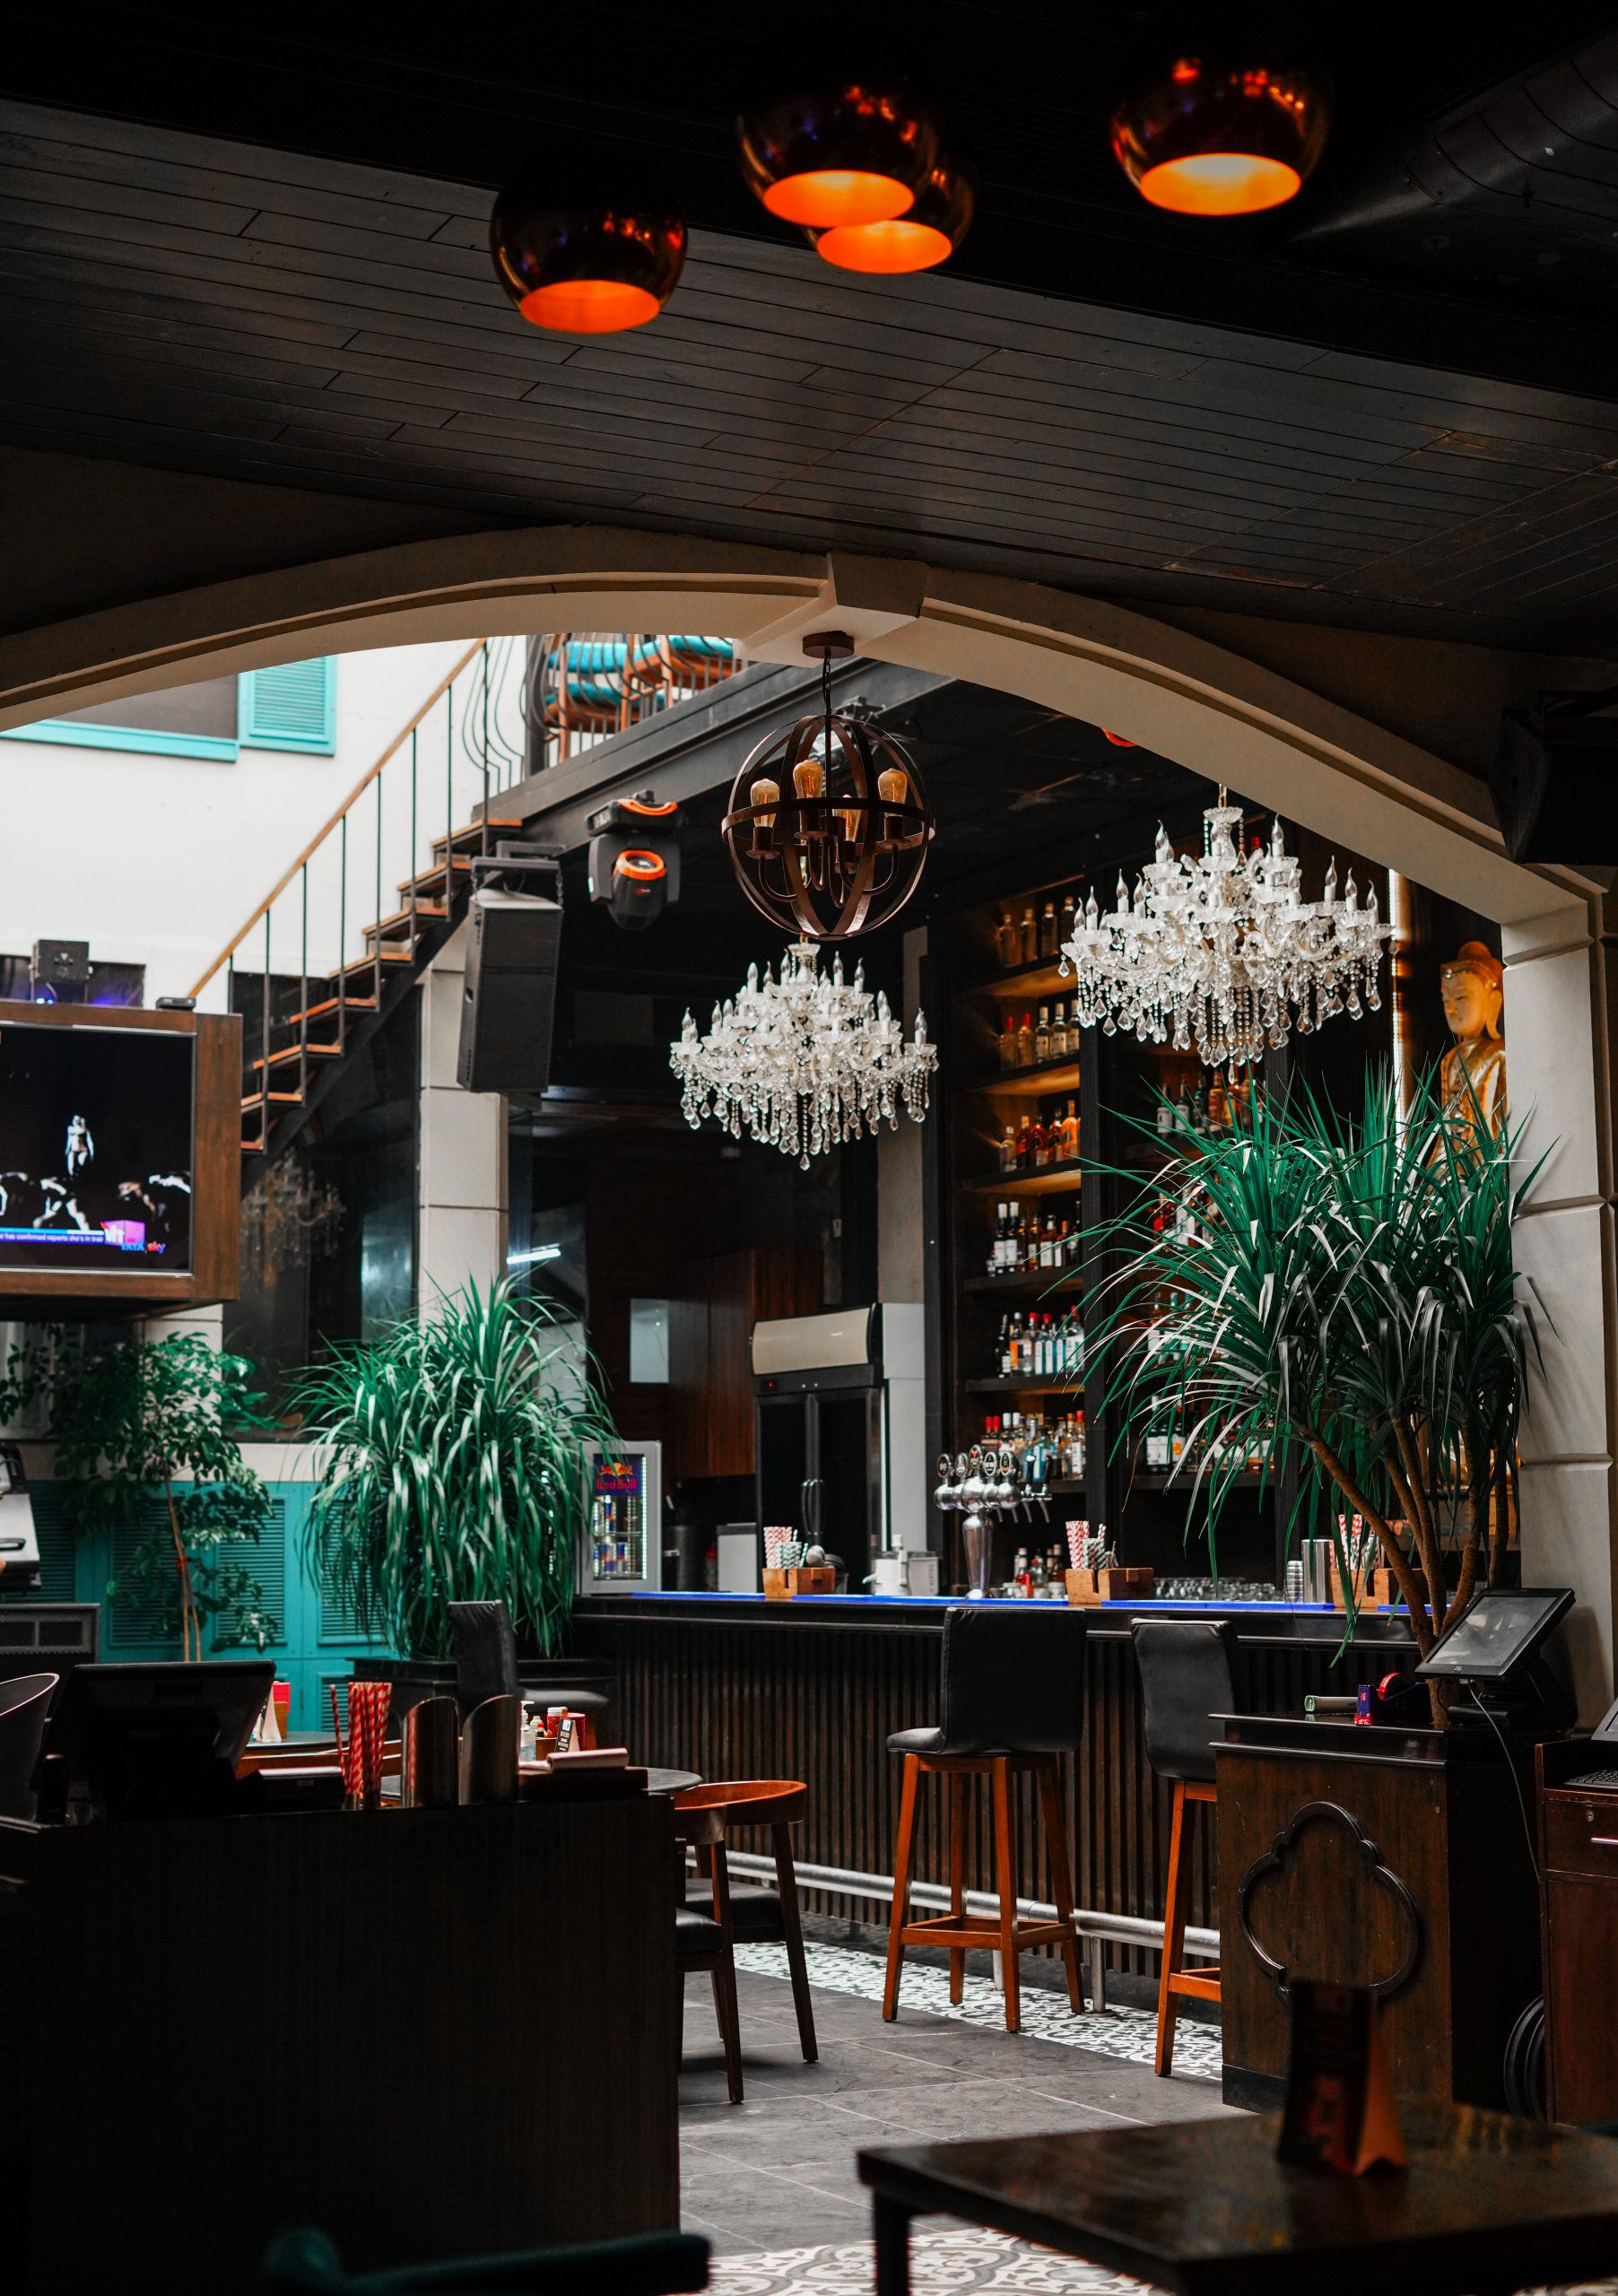 A Shot of a Modern Bar